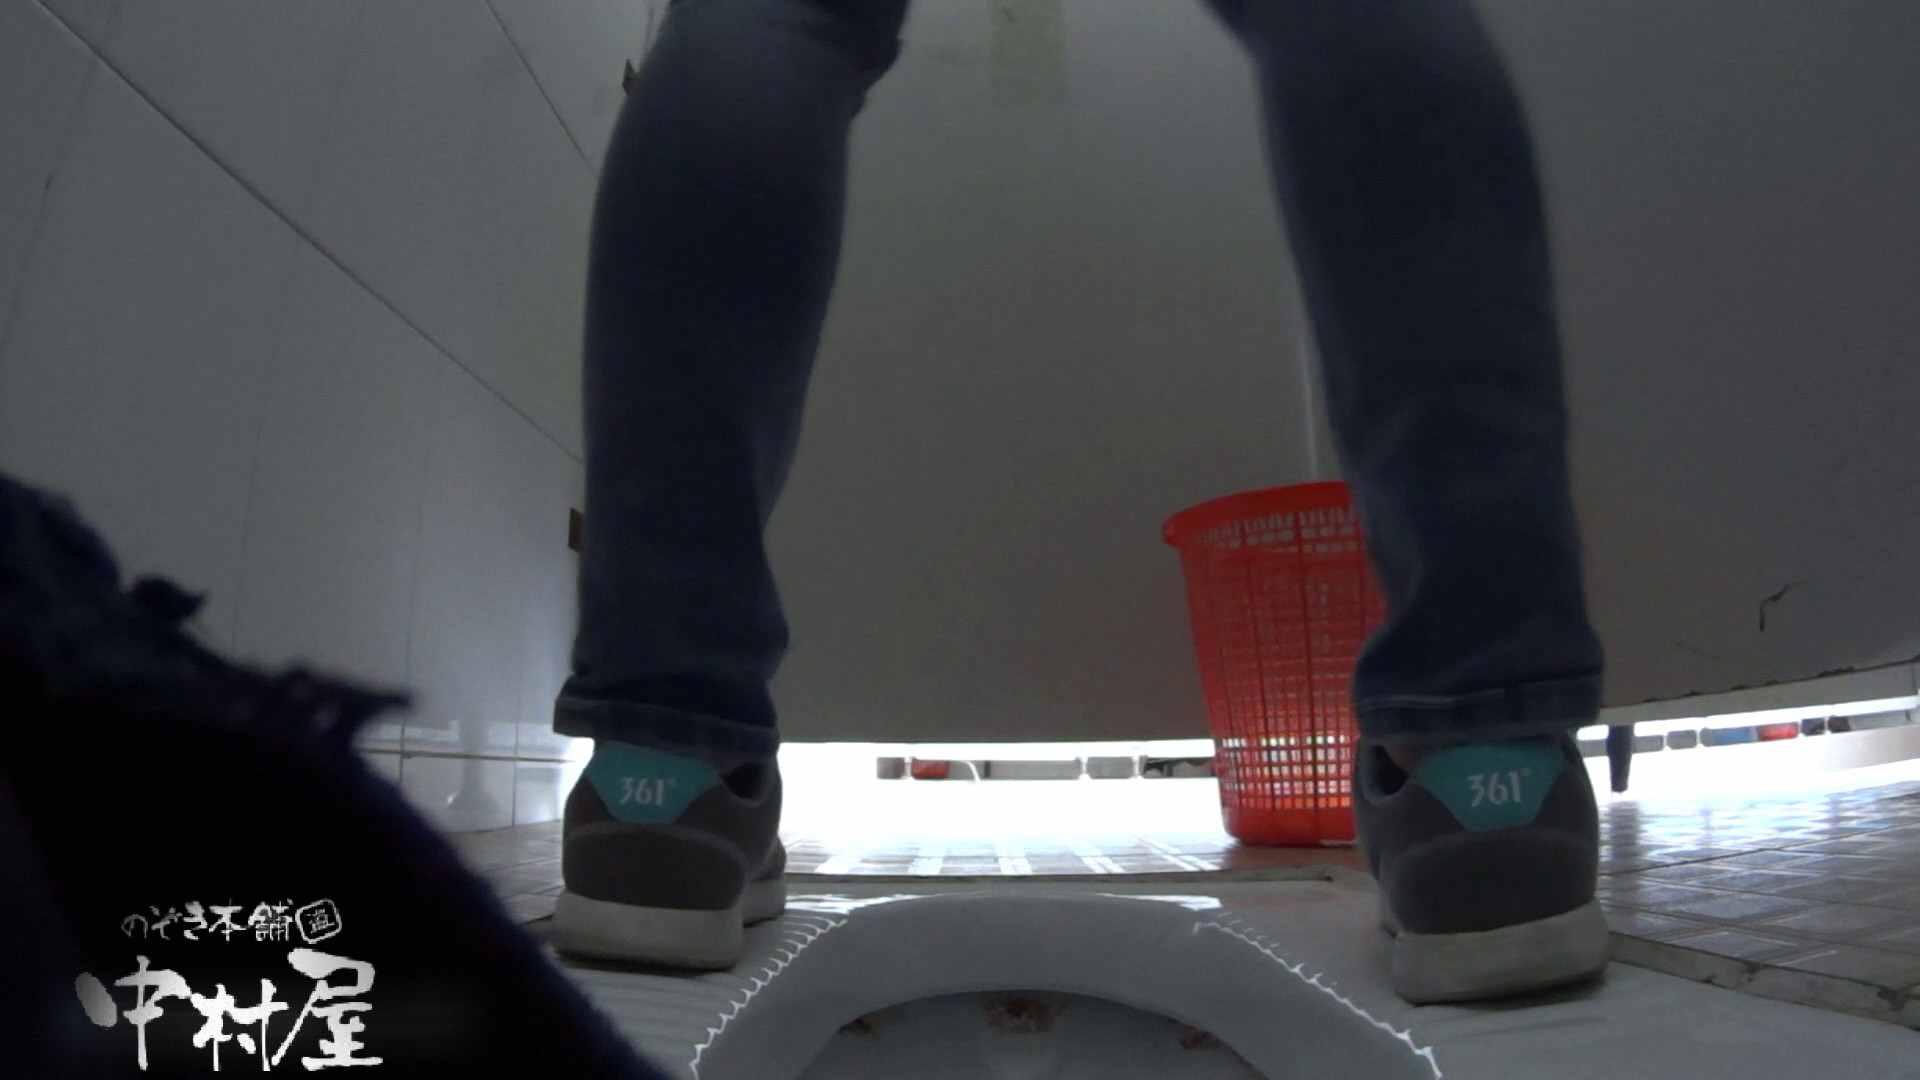 めくれ上がる陰部からの大聖水!大学休憩時間の洗面所事情27 超エロお姉さん 隠し撮りオマンコ動画紹介 77枚 23